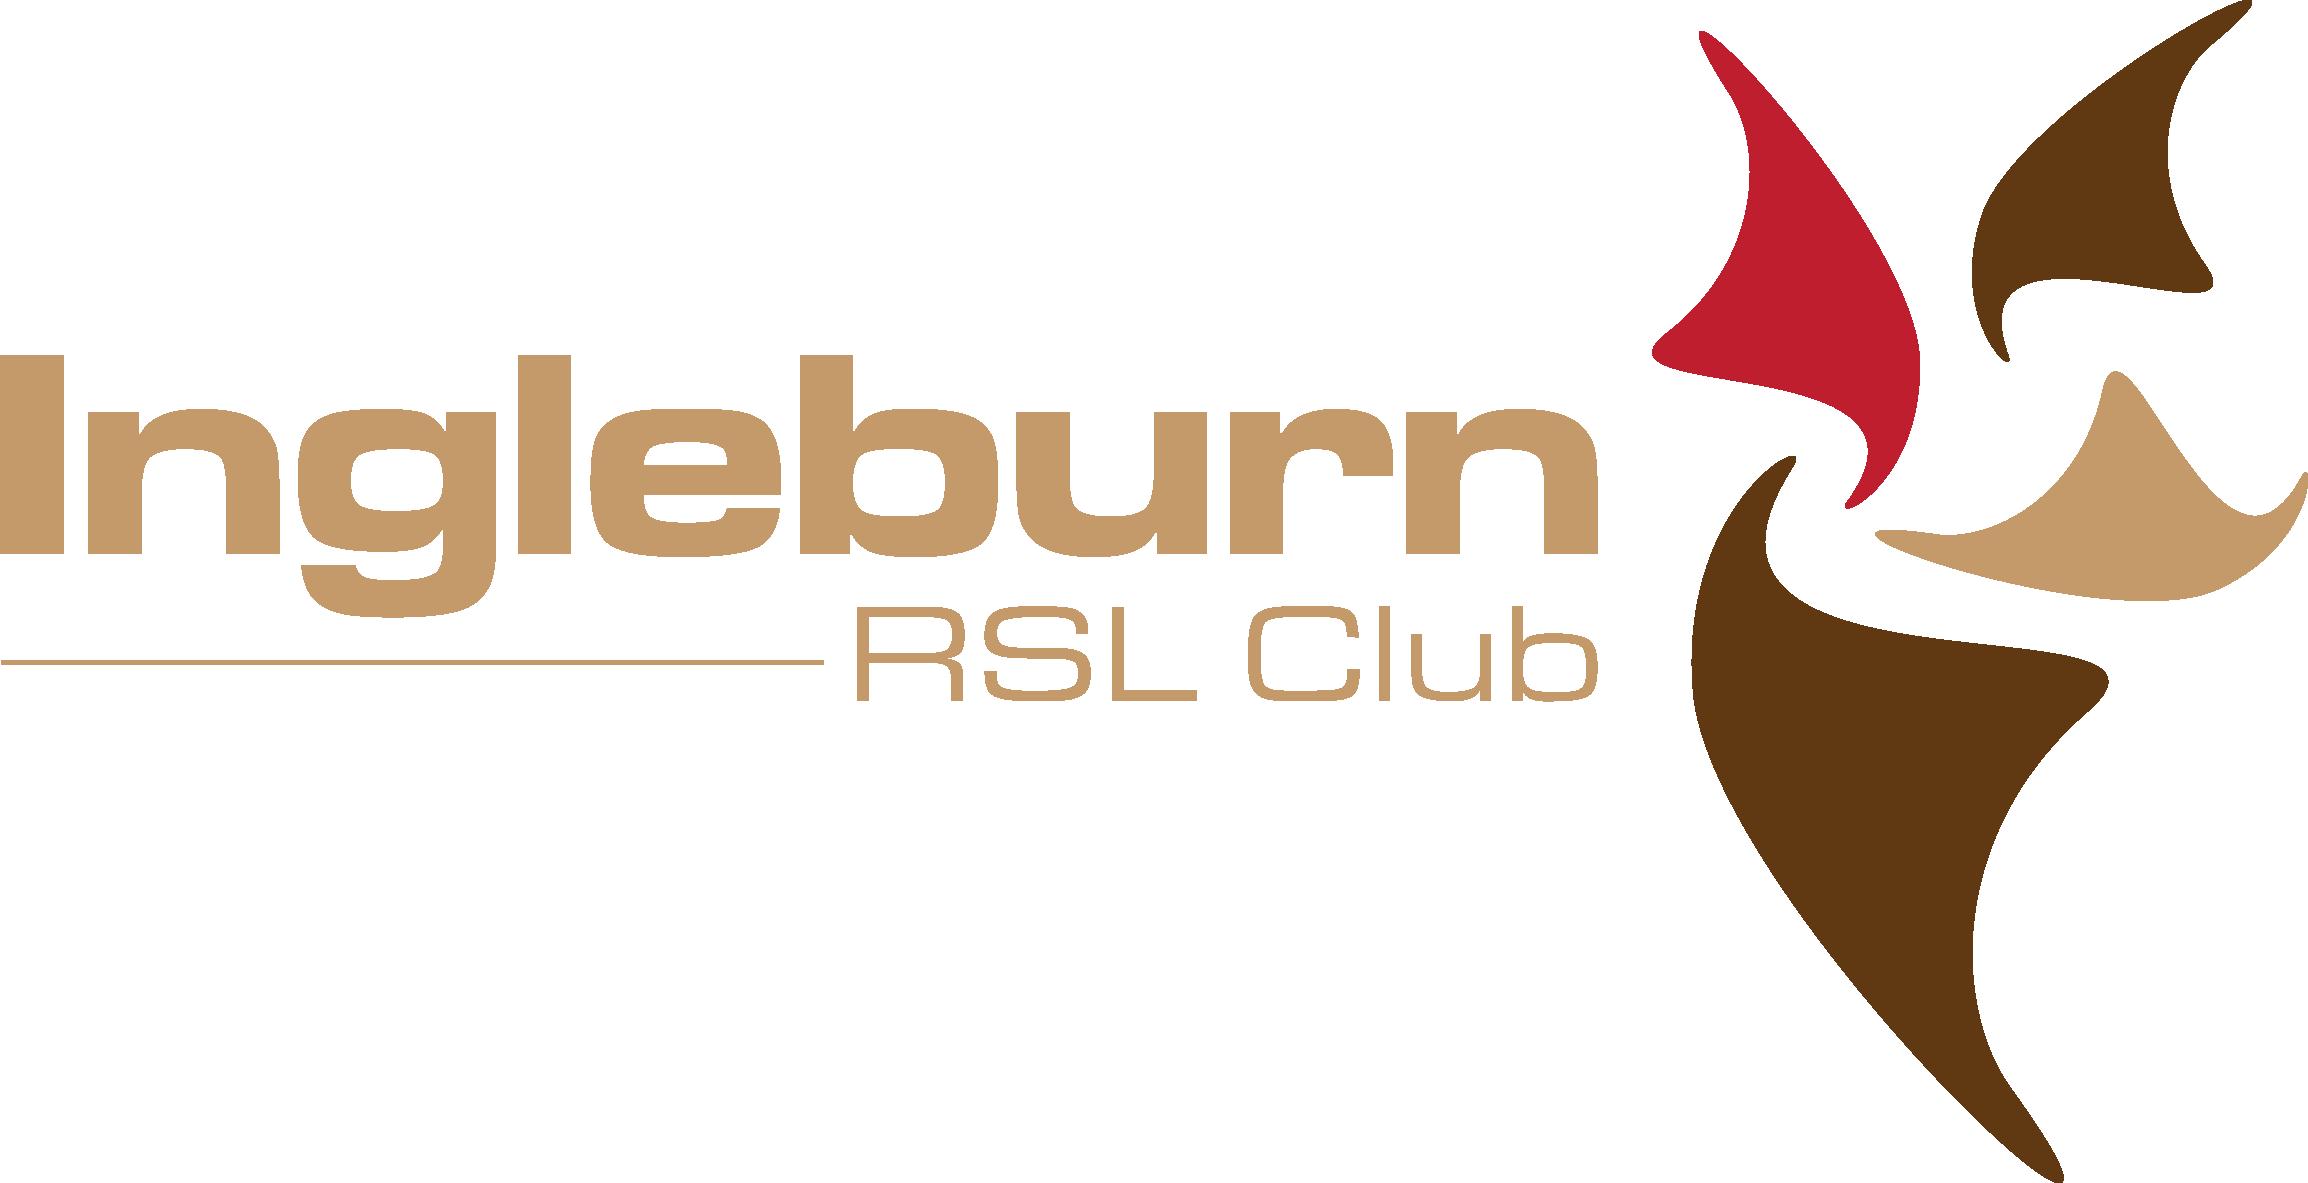 Ingleburn RSL Club